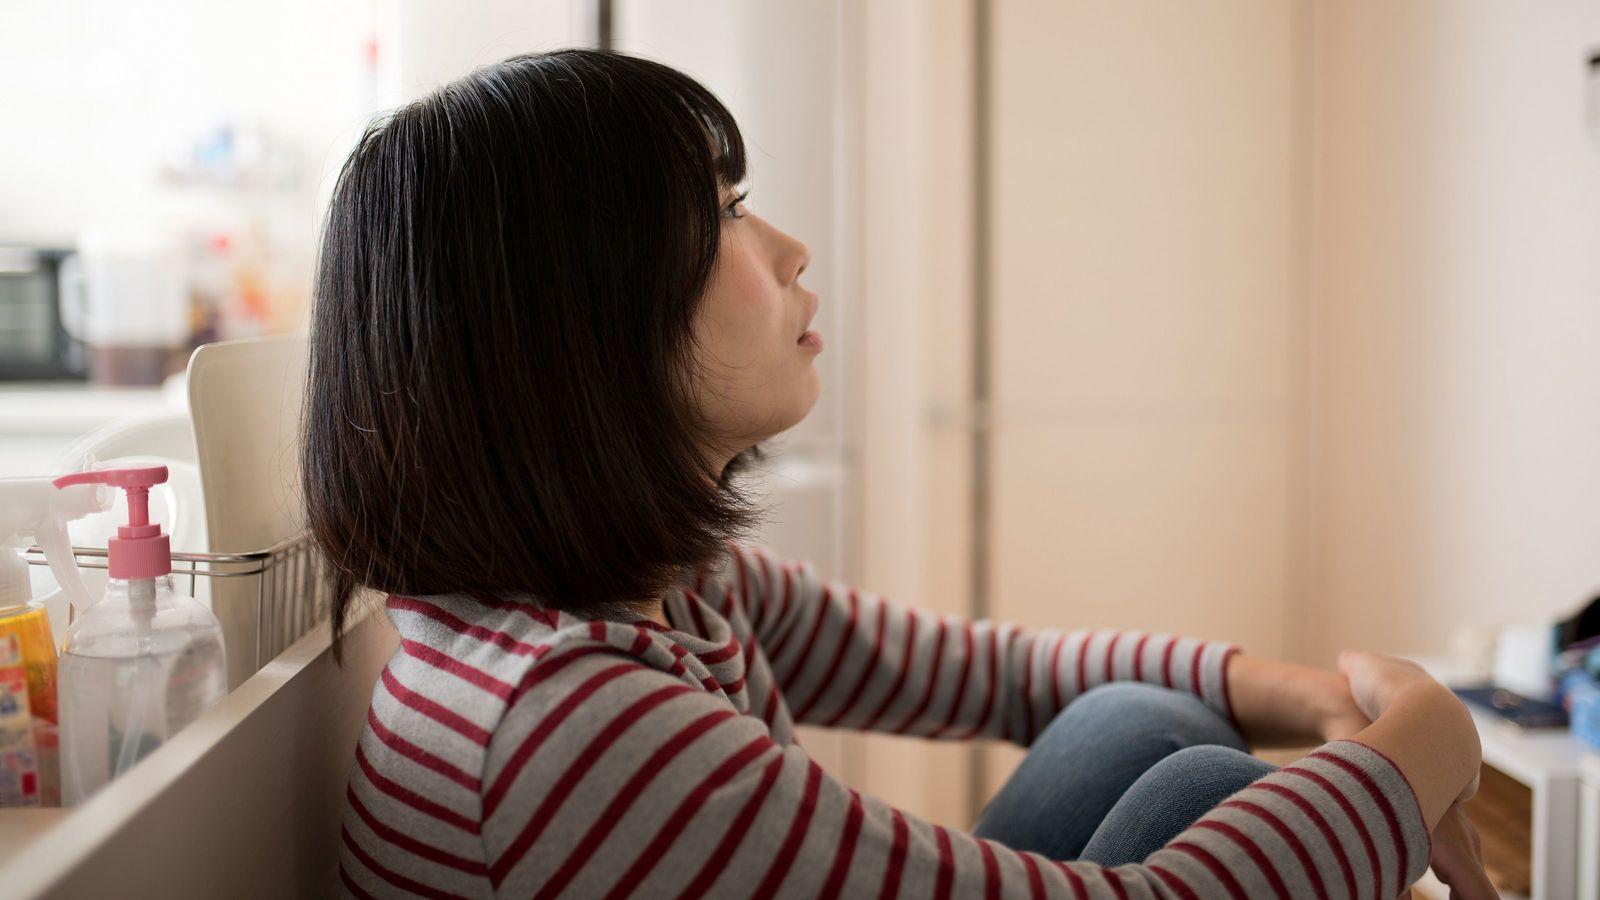 『うつ女性「月6.5万円の障害年金」再開への執念』 新しい担当医の診断書で支給停止に